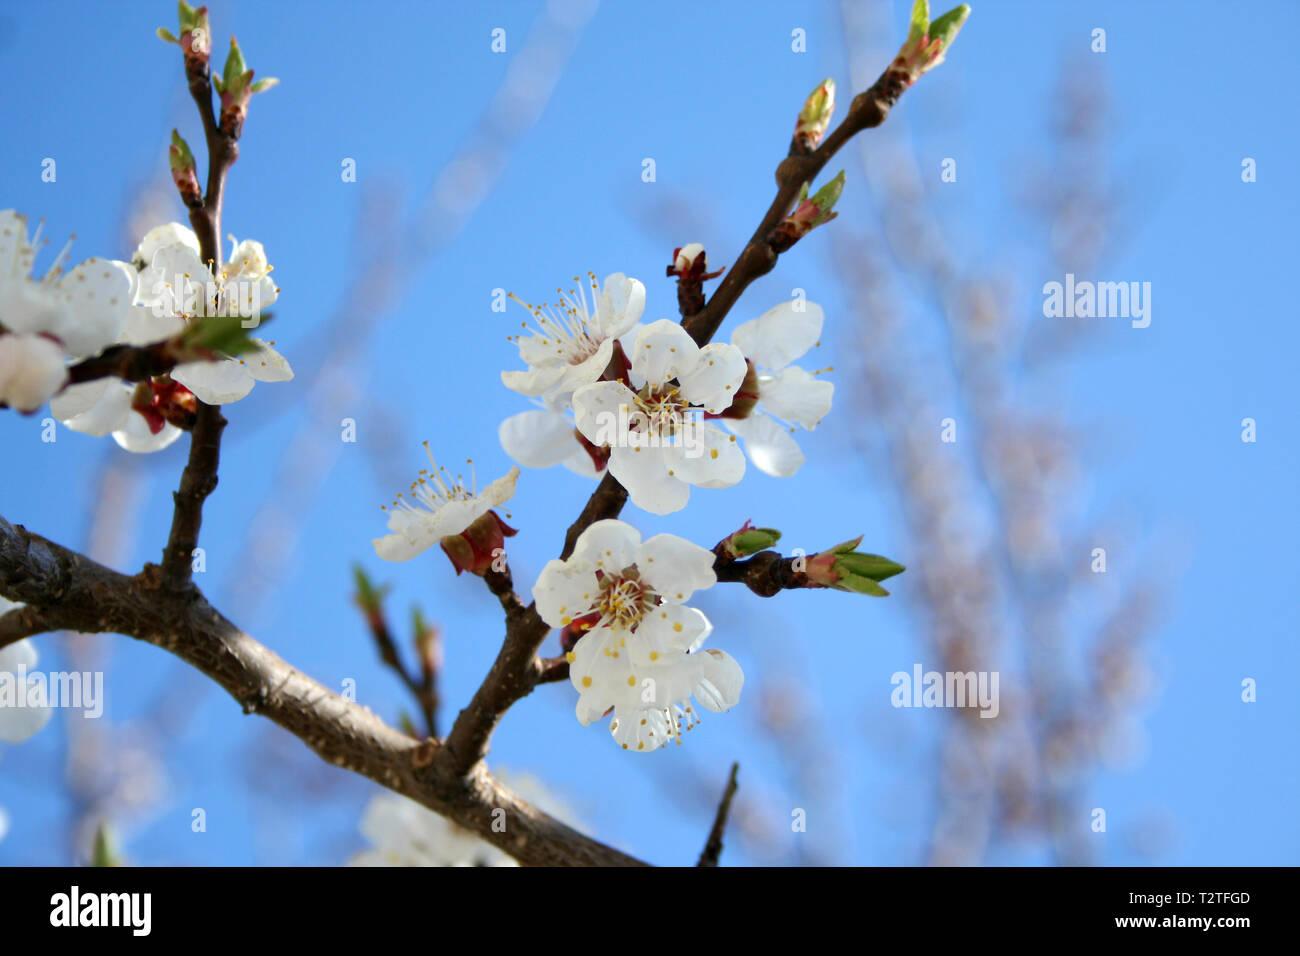 Foto Di Alberi Da Frutto blooming apricot tree con impollinatori miele delle api